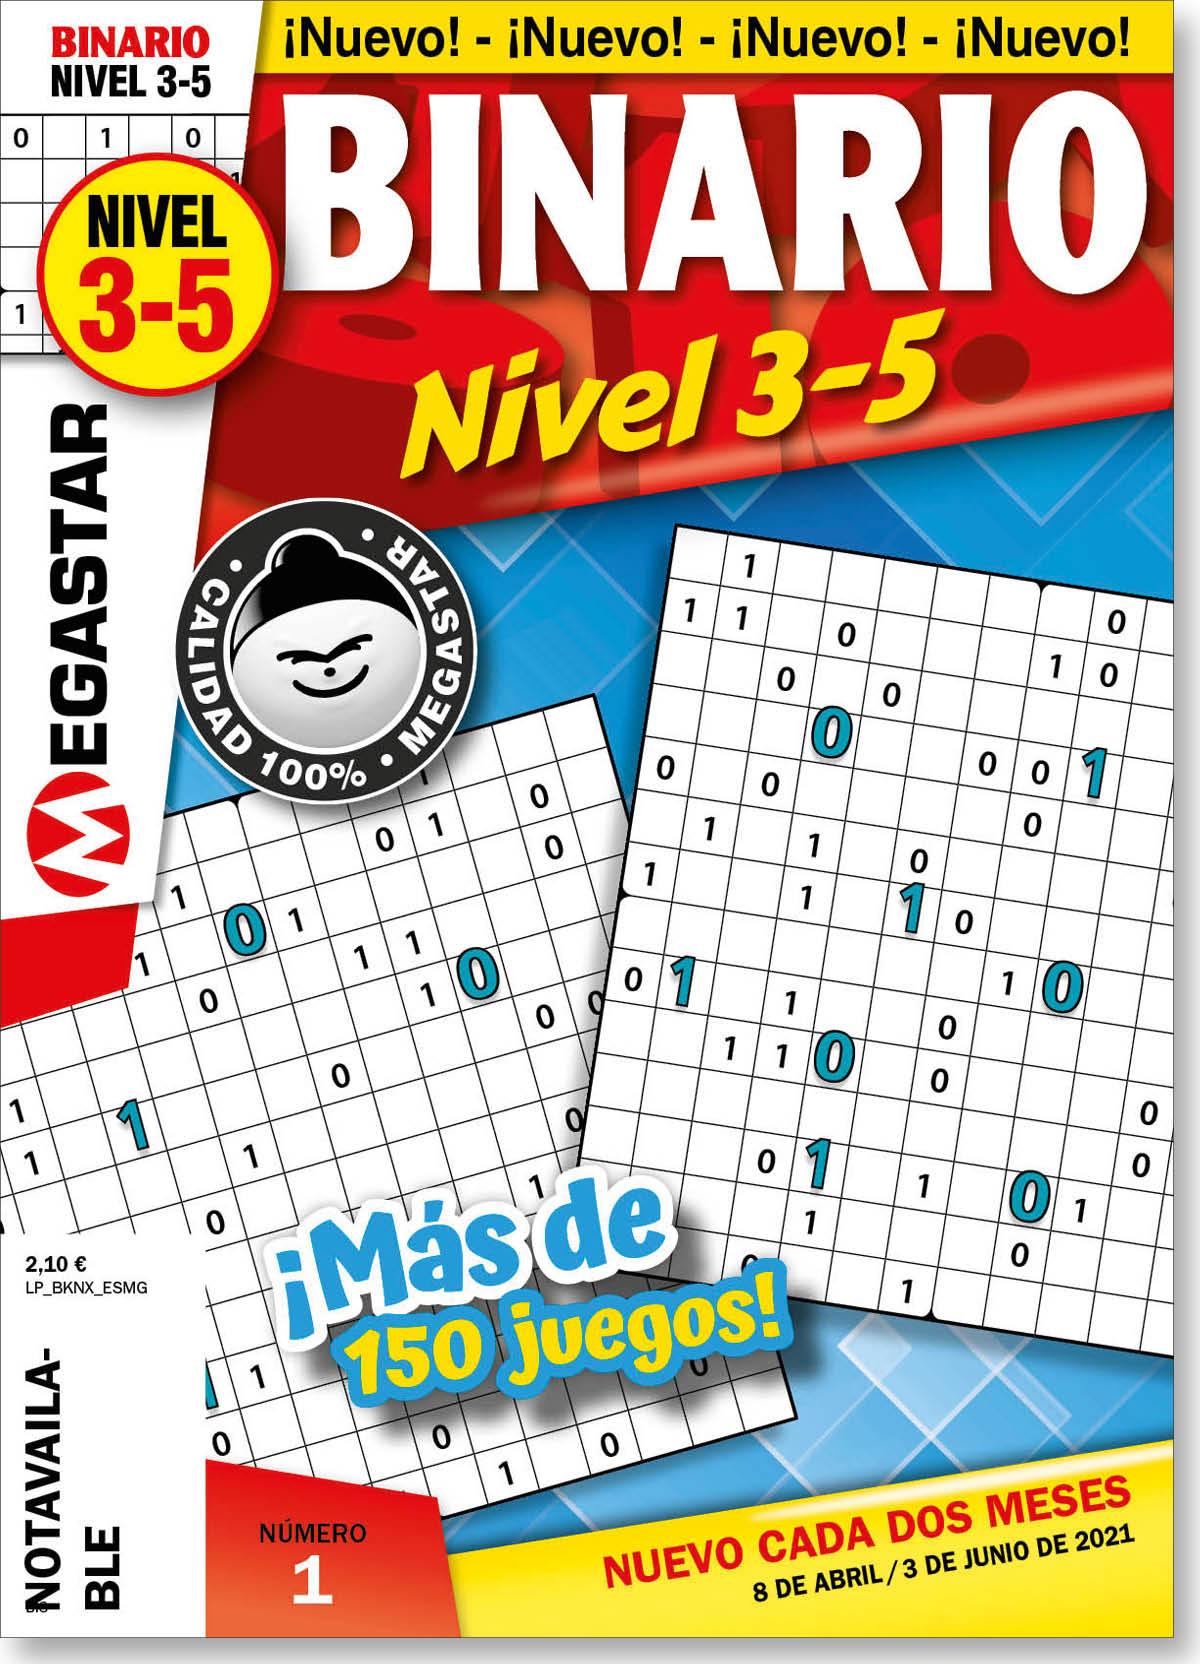 Binario 3-5